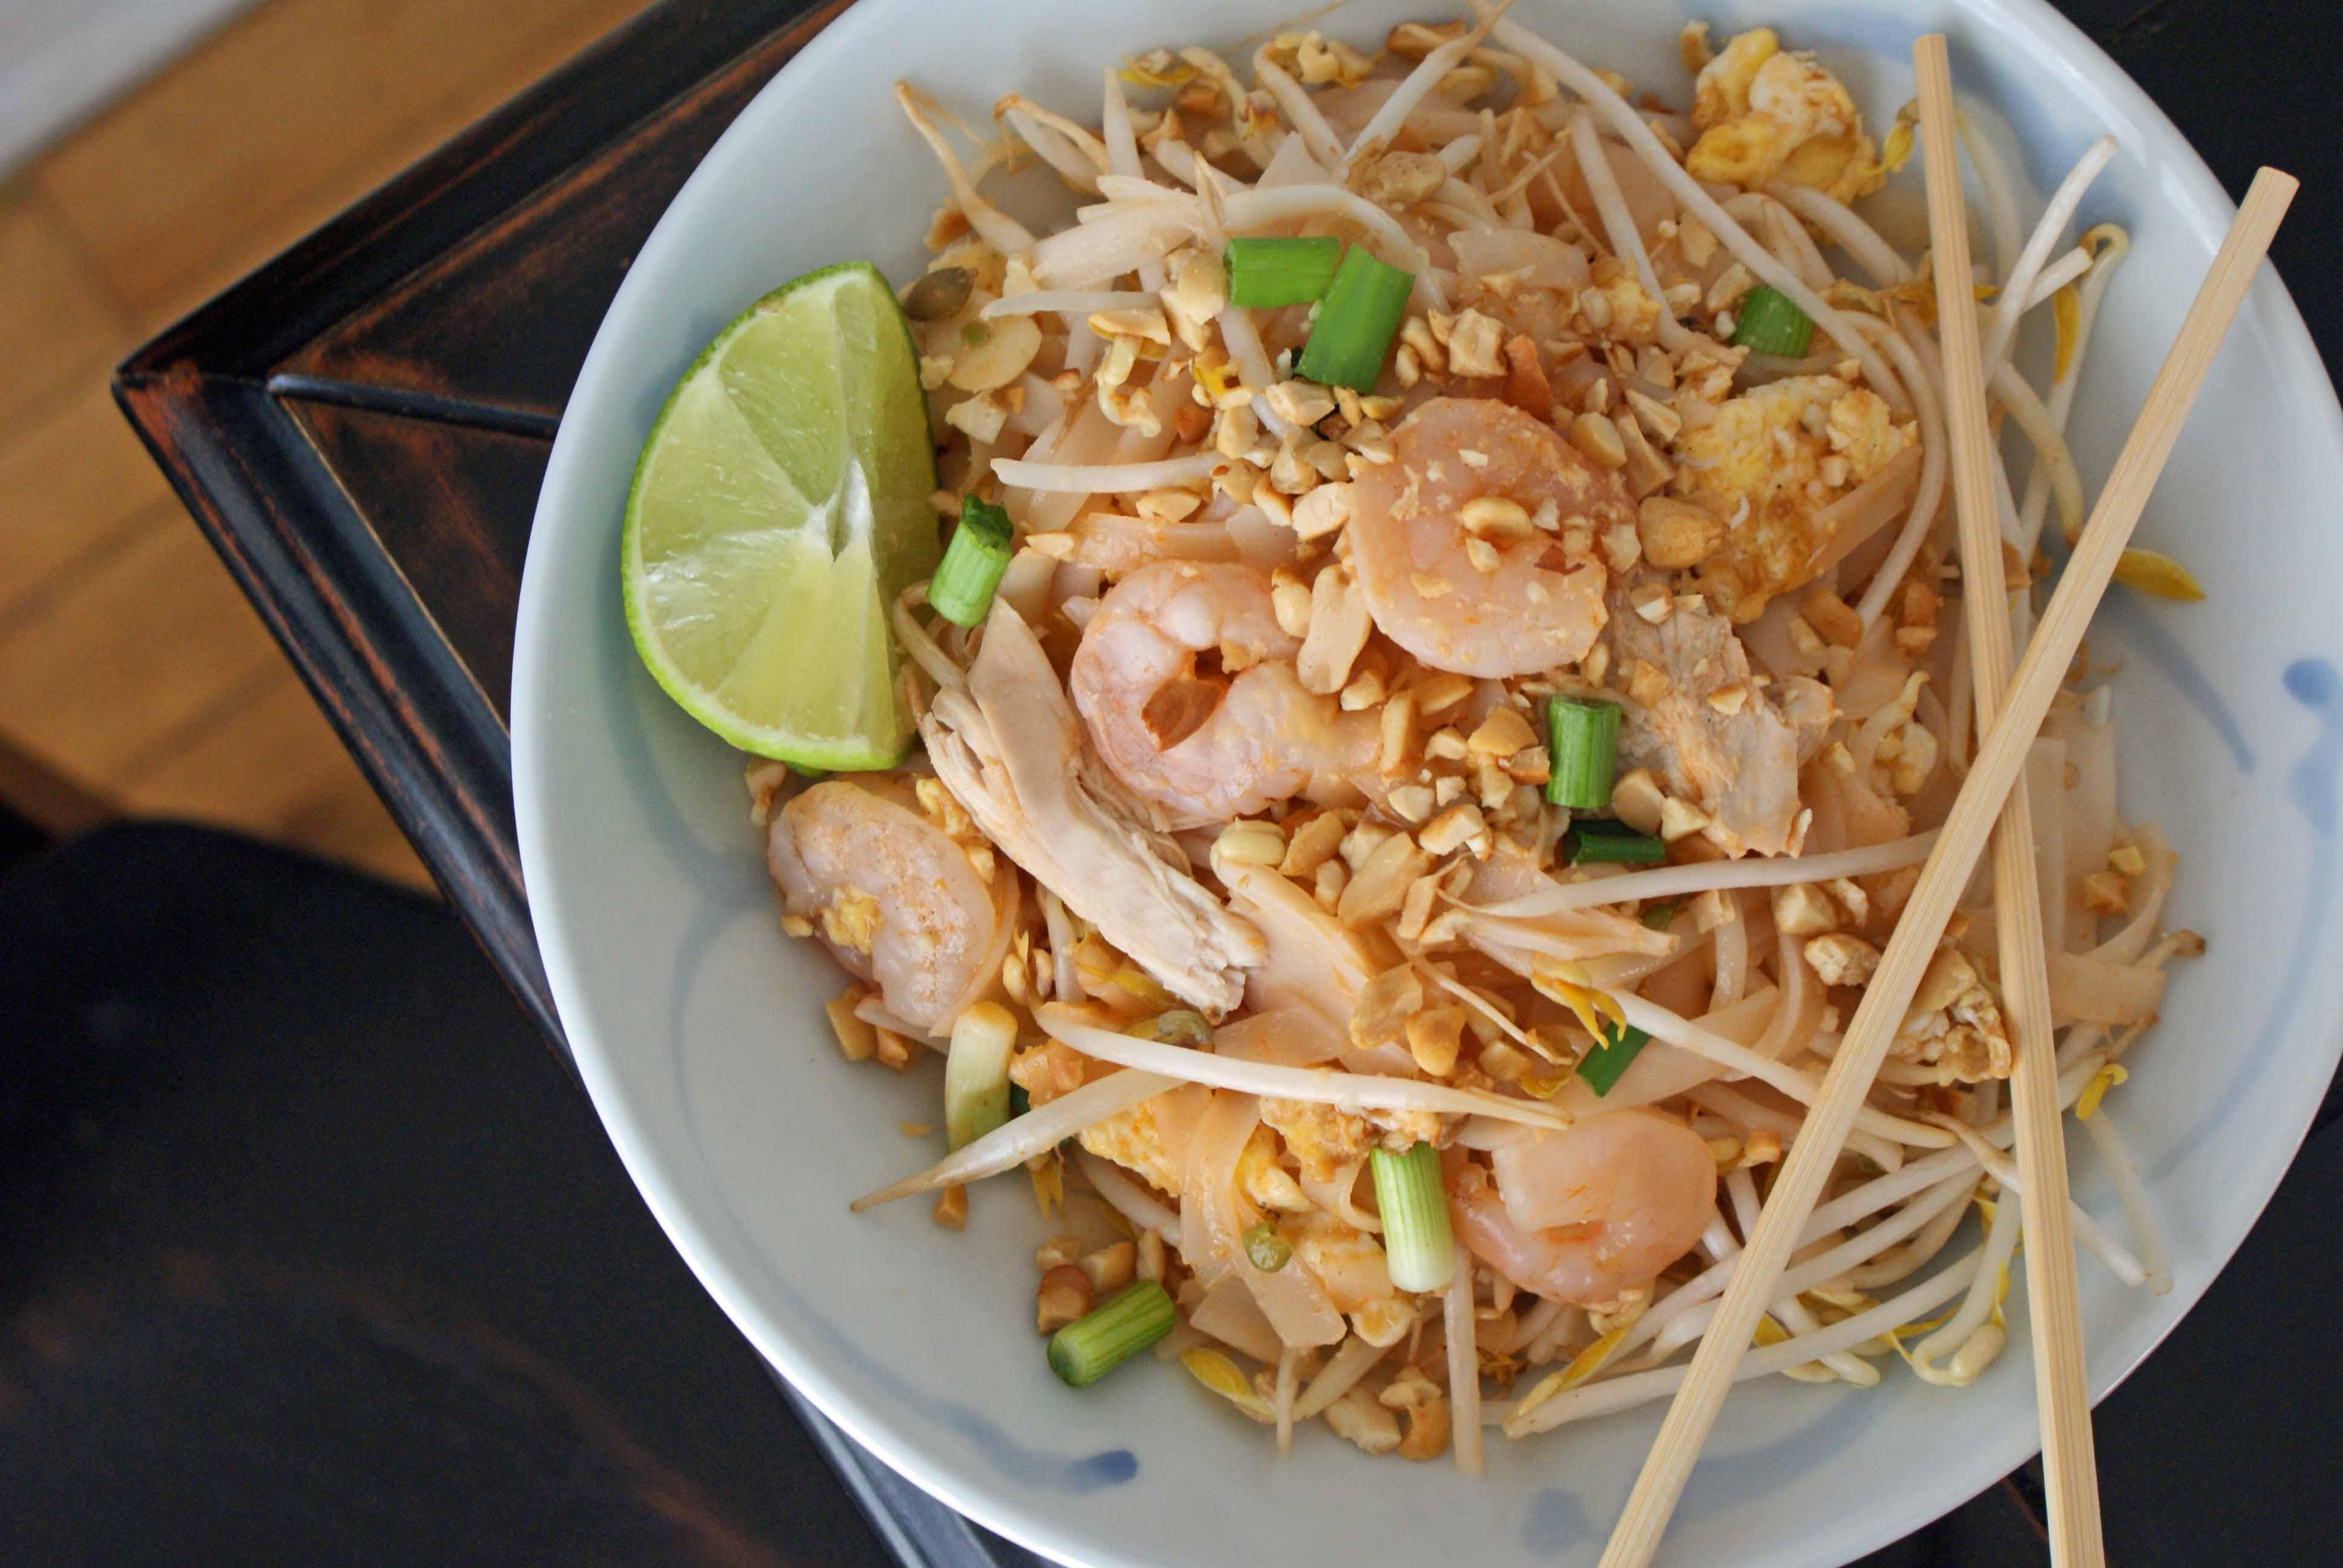 Wisata Kuliner Bangkok Dengan 12 Makanan Khas Ini Tokopedia Blog